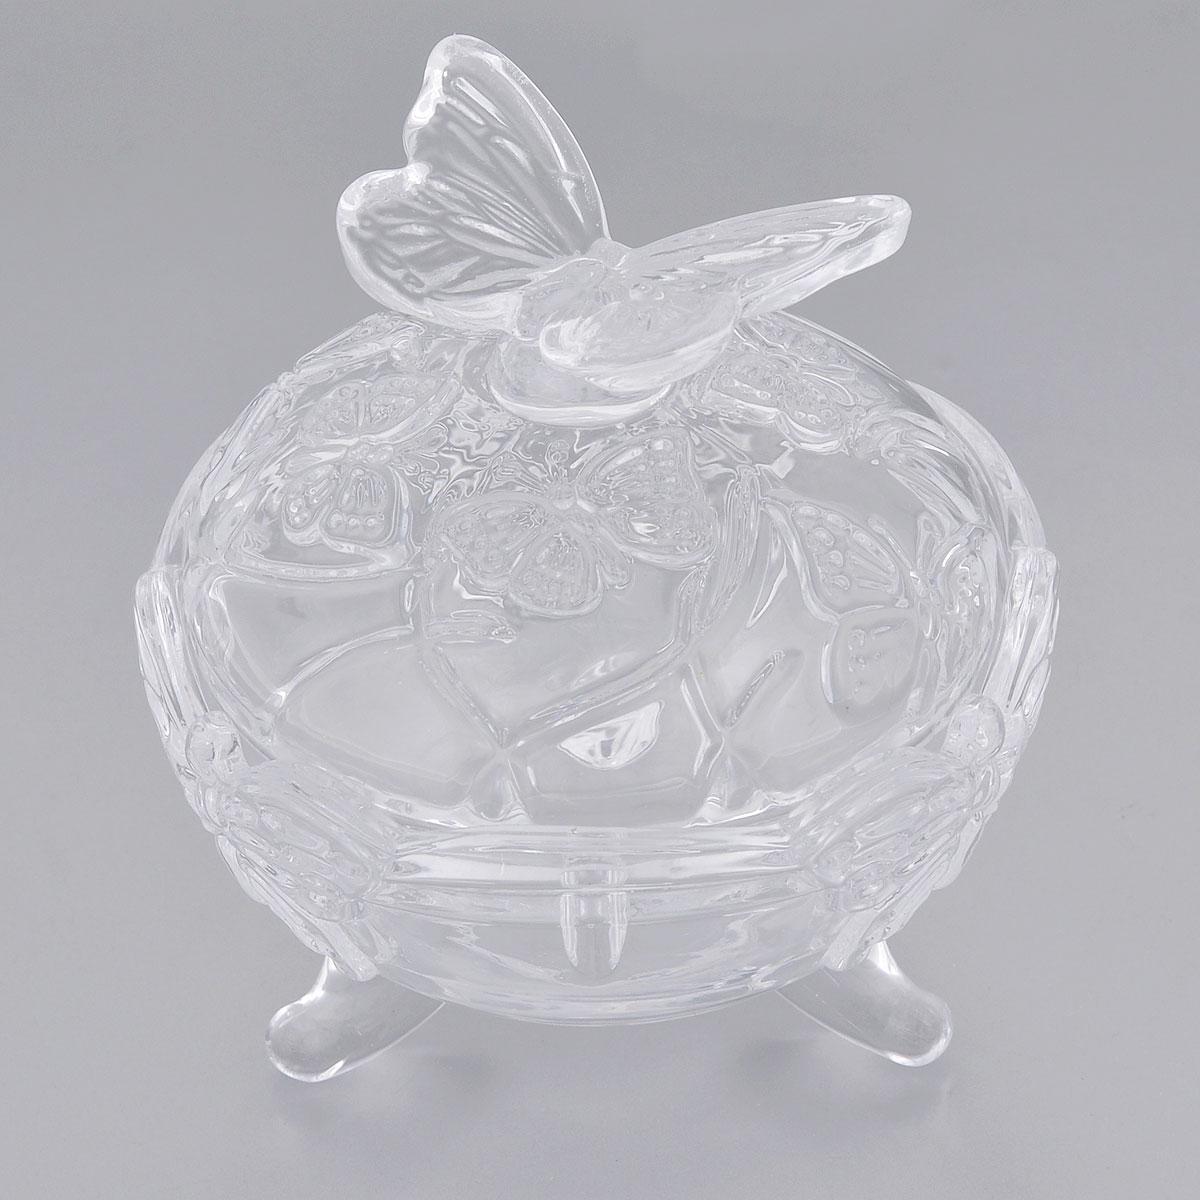 Конфетница Elan Gallery Бабочки, с крышкой, диаметр 10,5 см890114Элегантная конфетница Elan Gallery Бабочки, изготовленная из прочного стекла, имеет многогранную рельефную поверхность в виде бабочек. Конфетница оснащена ножками и крышкой с удобной ручкой. Изделие предназначено для подачи сладостей (конфет, сахара, меда, изюма, орехов и многого другого). Она придает легкость, воздушность сервировке стола и создаст особую атмосферу праздника. Конфетница Elan Gallery Бабочки не только украсит ваш кухонный стол и подчеркнет прекрасный вкус хозяина, но и станет отличным подарком для ваших близких и друзей. Диаметр конфетницы (по верхнему краю): 10,5 см.Высота конфетницы (с учетом крышки): 11,5 см.